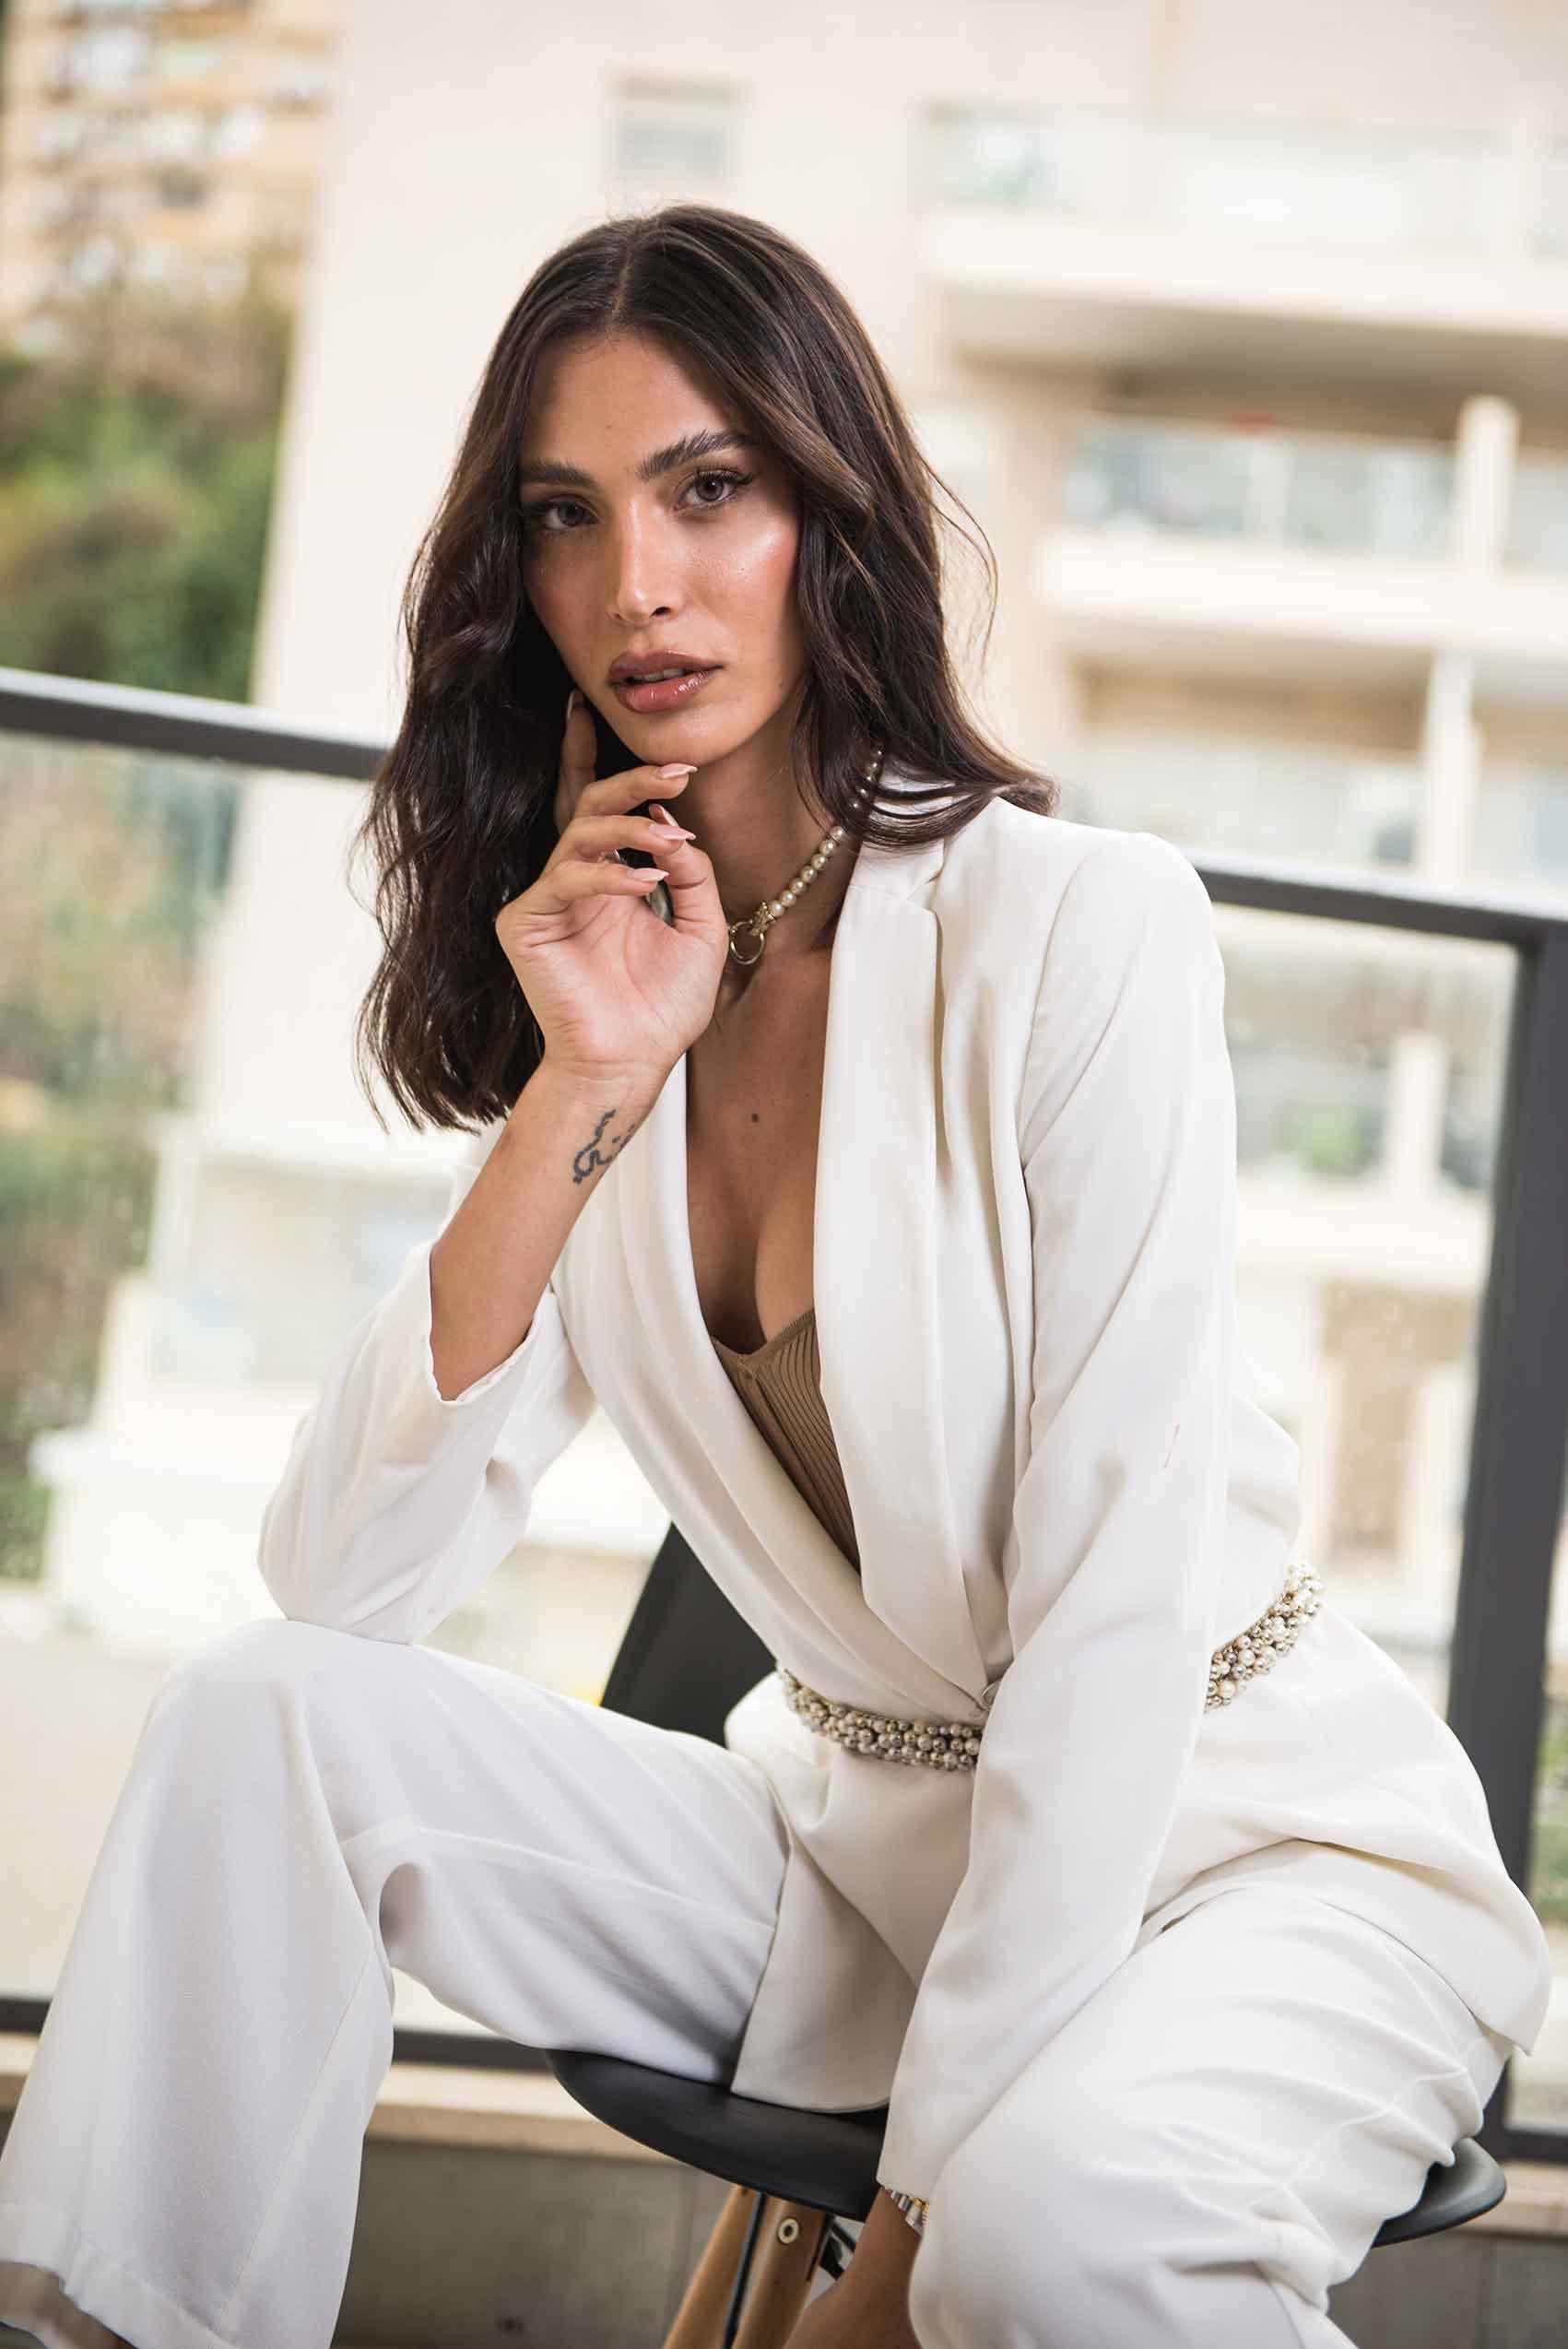 תאלין-אבו-חנא-אופנה-ישראלים